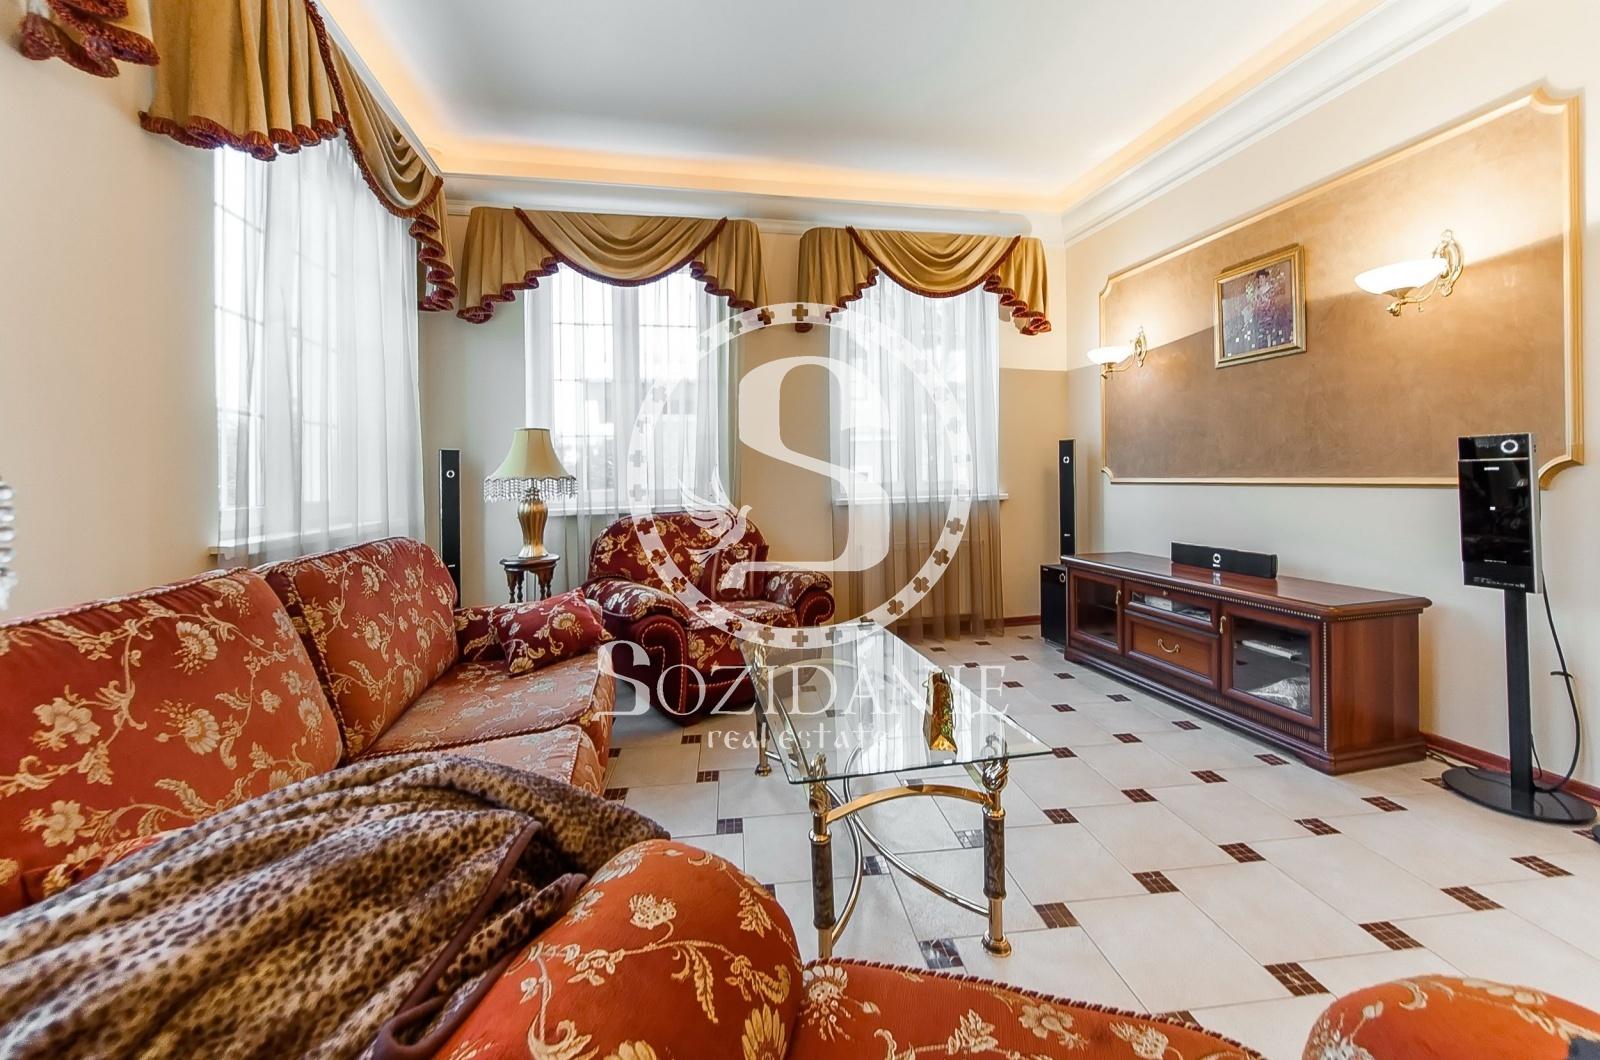 3 Bedrooms, Загородная, Аренда, Listing ID 1160, Московская область, Россия,